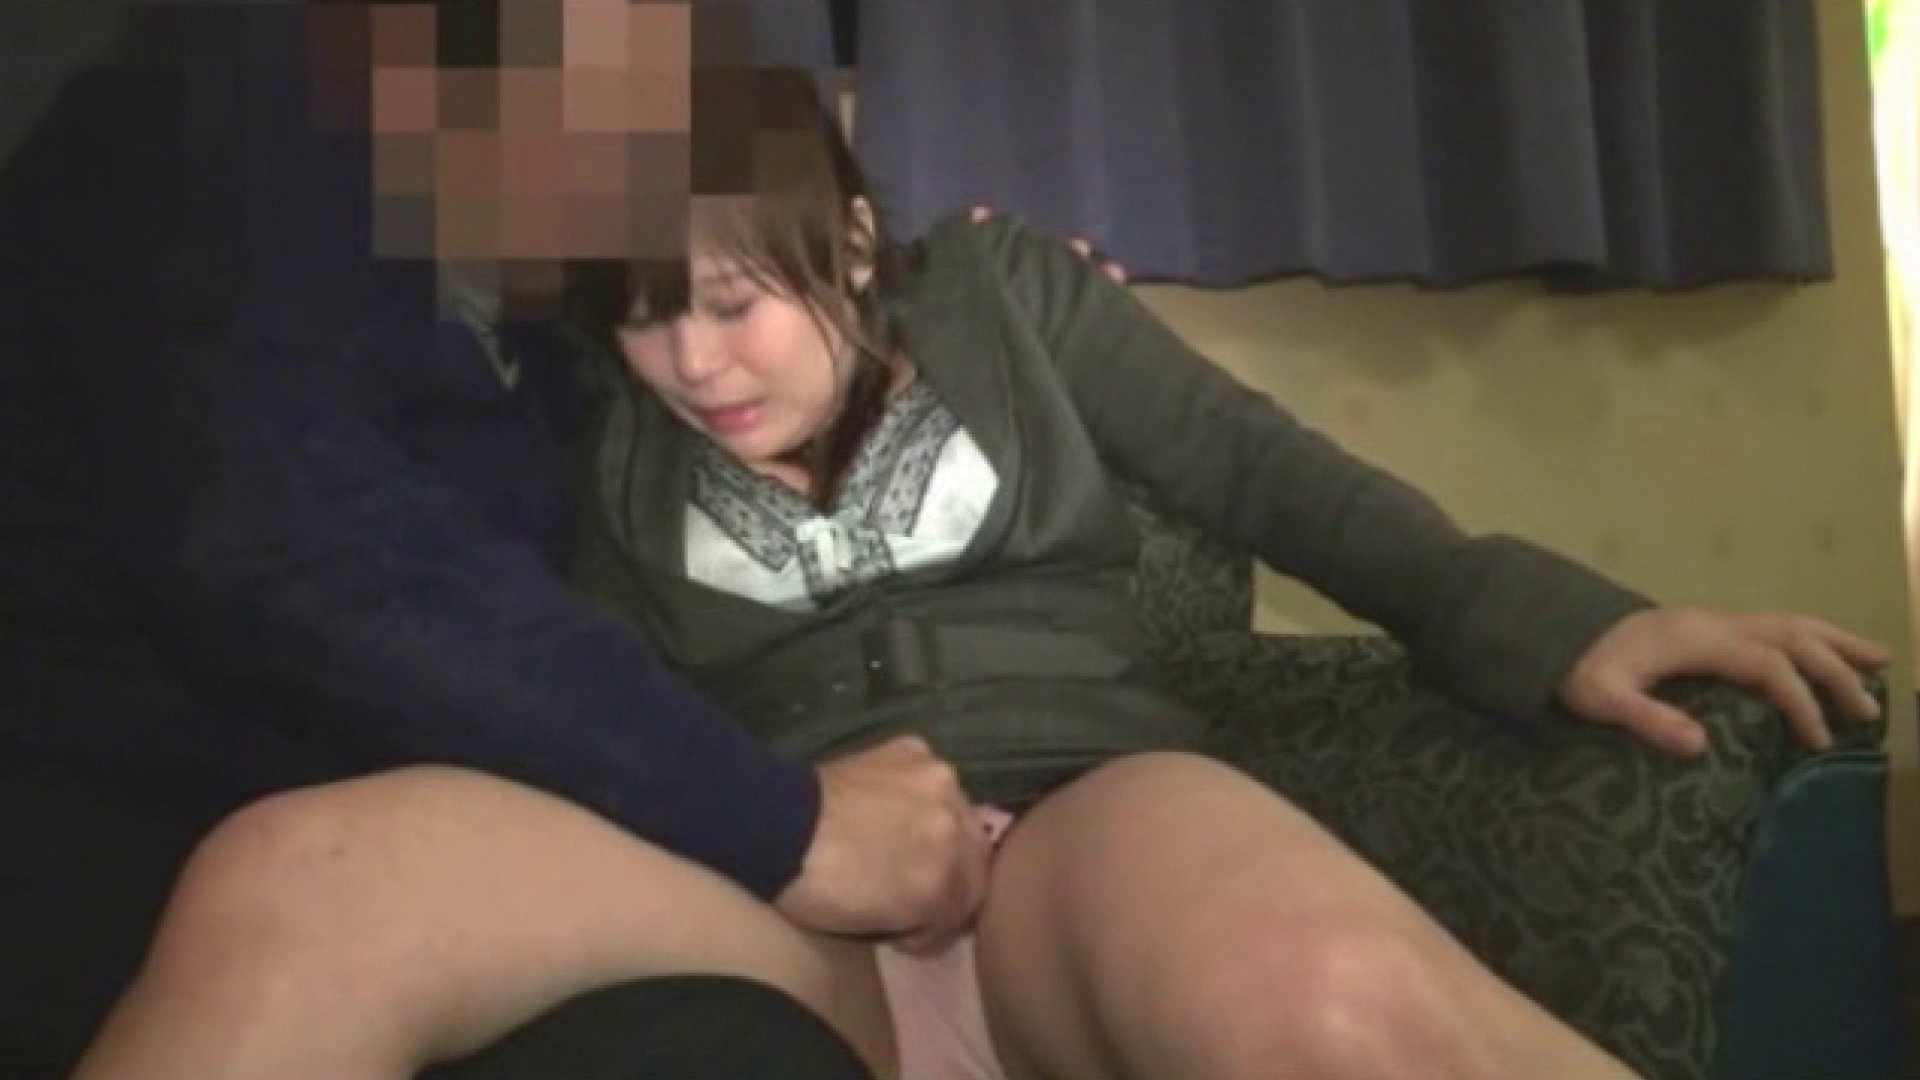 ハメ撮り天国 Vol.6 前編 OLの裸事情 ワレメ動画紹介 85枚 23